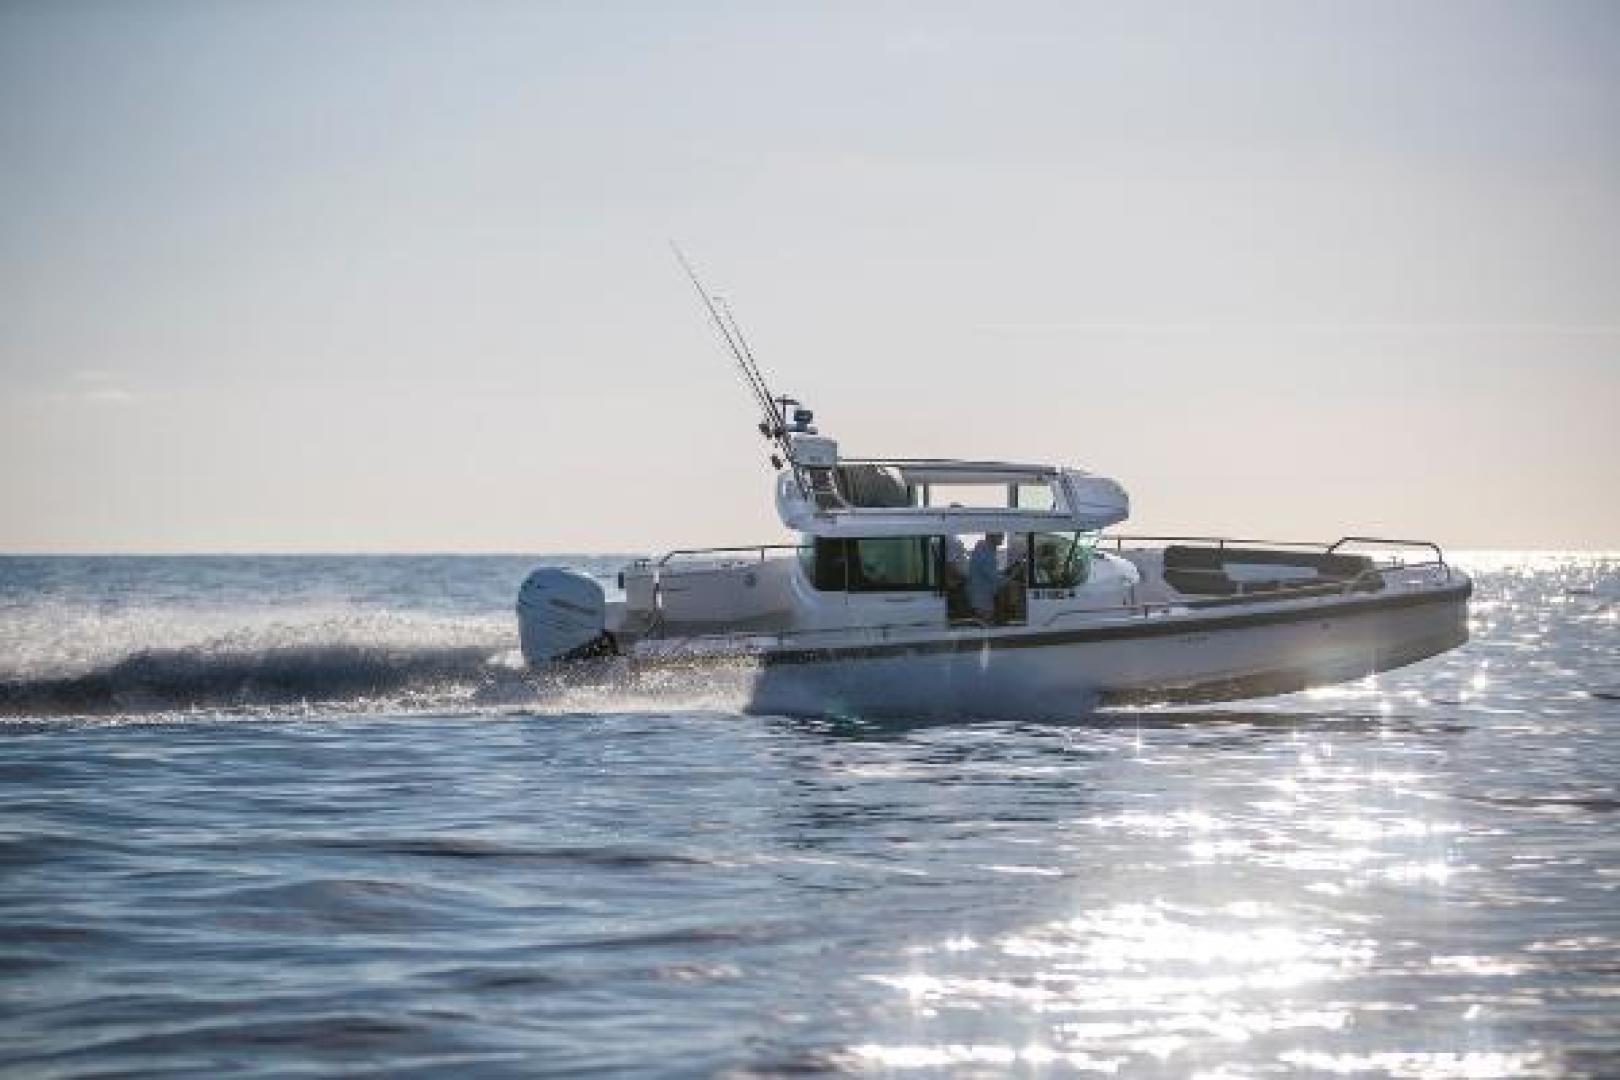 Axopar-28 CABIN 2021-Axopar 28 CABIN Palm Beach-Florida-United States-1531646 | Thumbnail